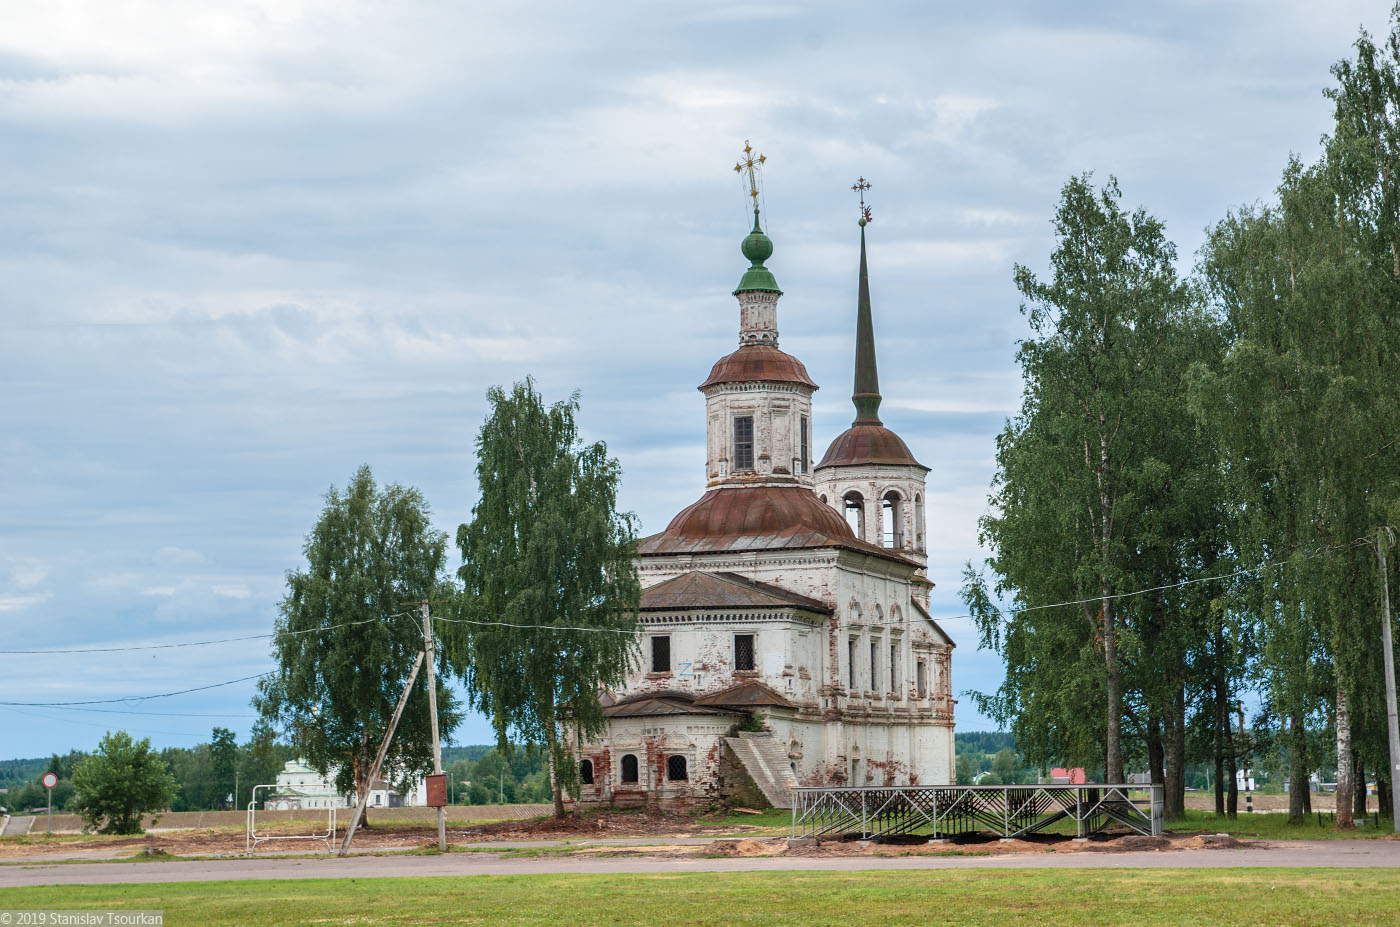 Вологодская область, Вологодчина, Великий устюг, Русский север, Ильинская церковь